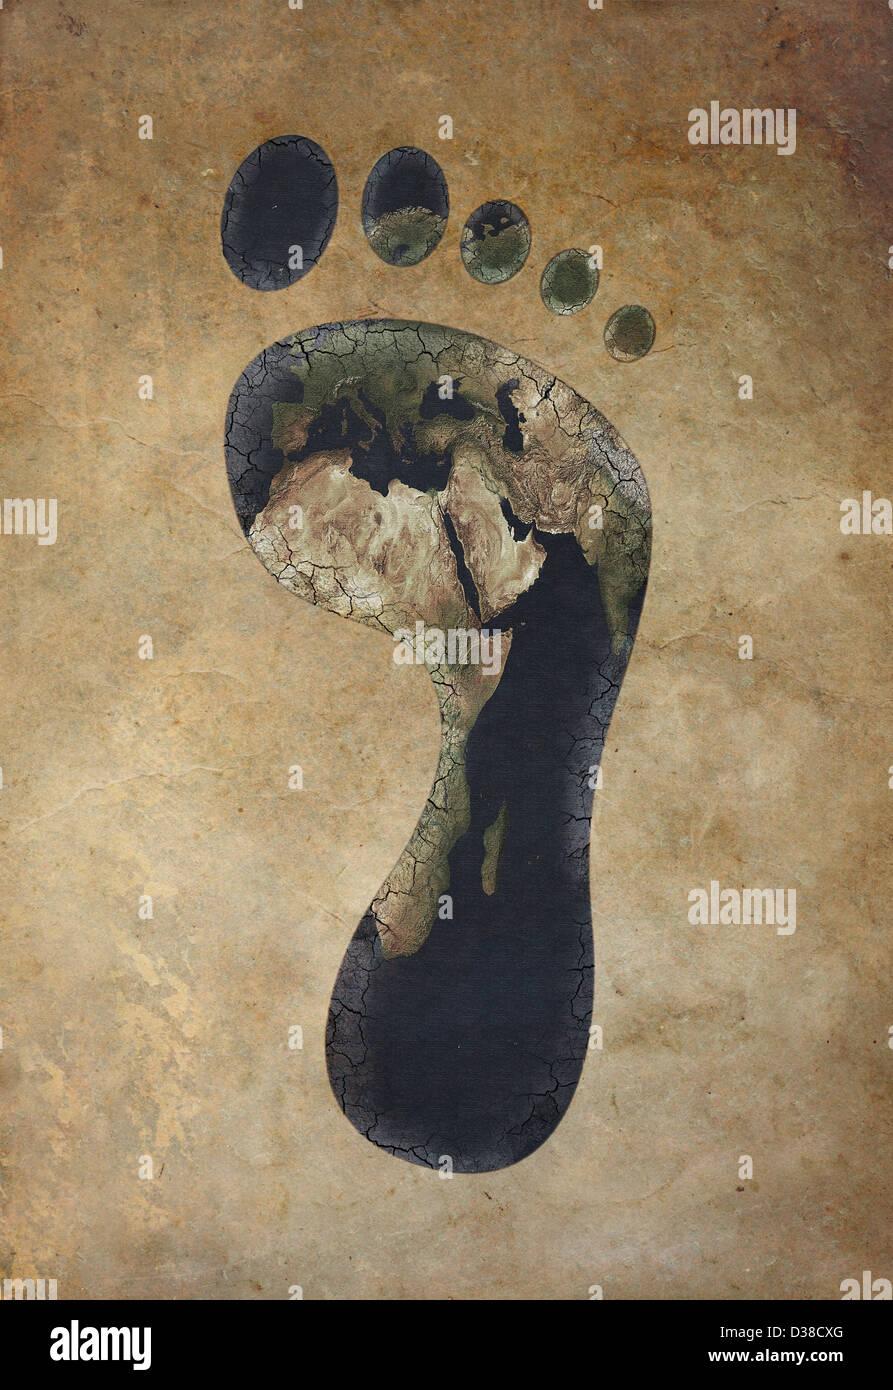 Anschauliches Bild des ökologischen Fußabdrucks vor farbigem Hintergrund Stockbild